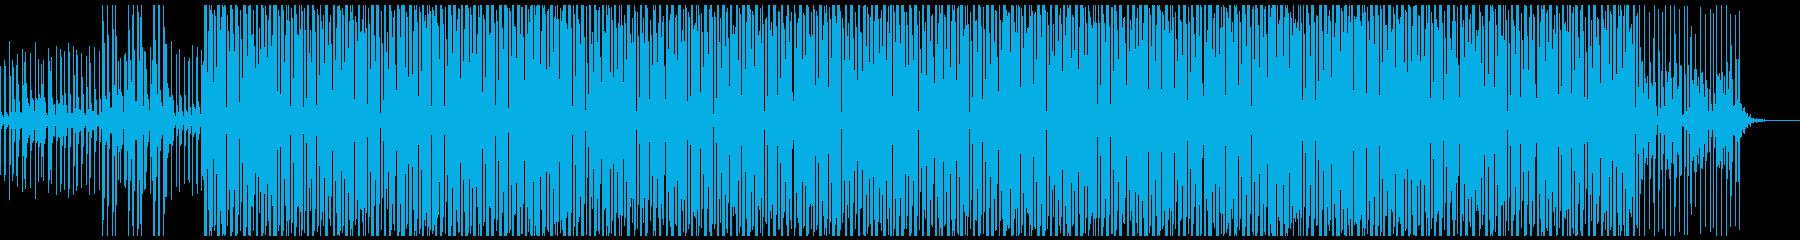 踊り跳ねたくなる爽やかなテクノポップの再生済みの波形